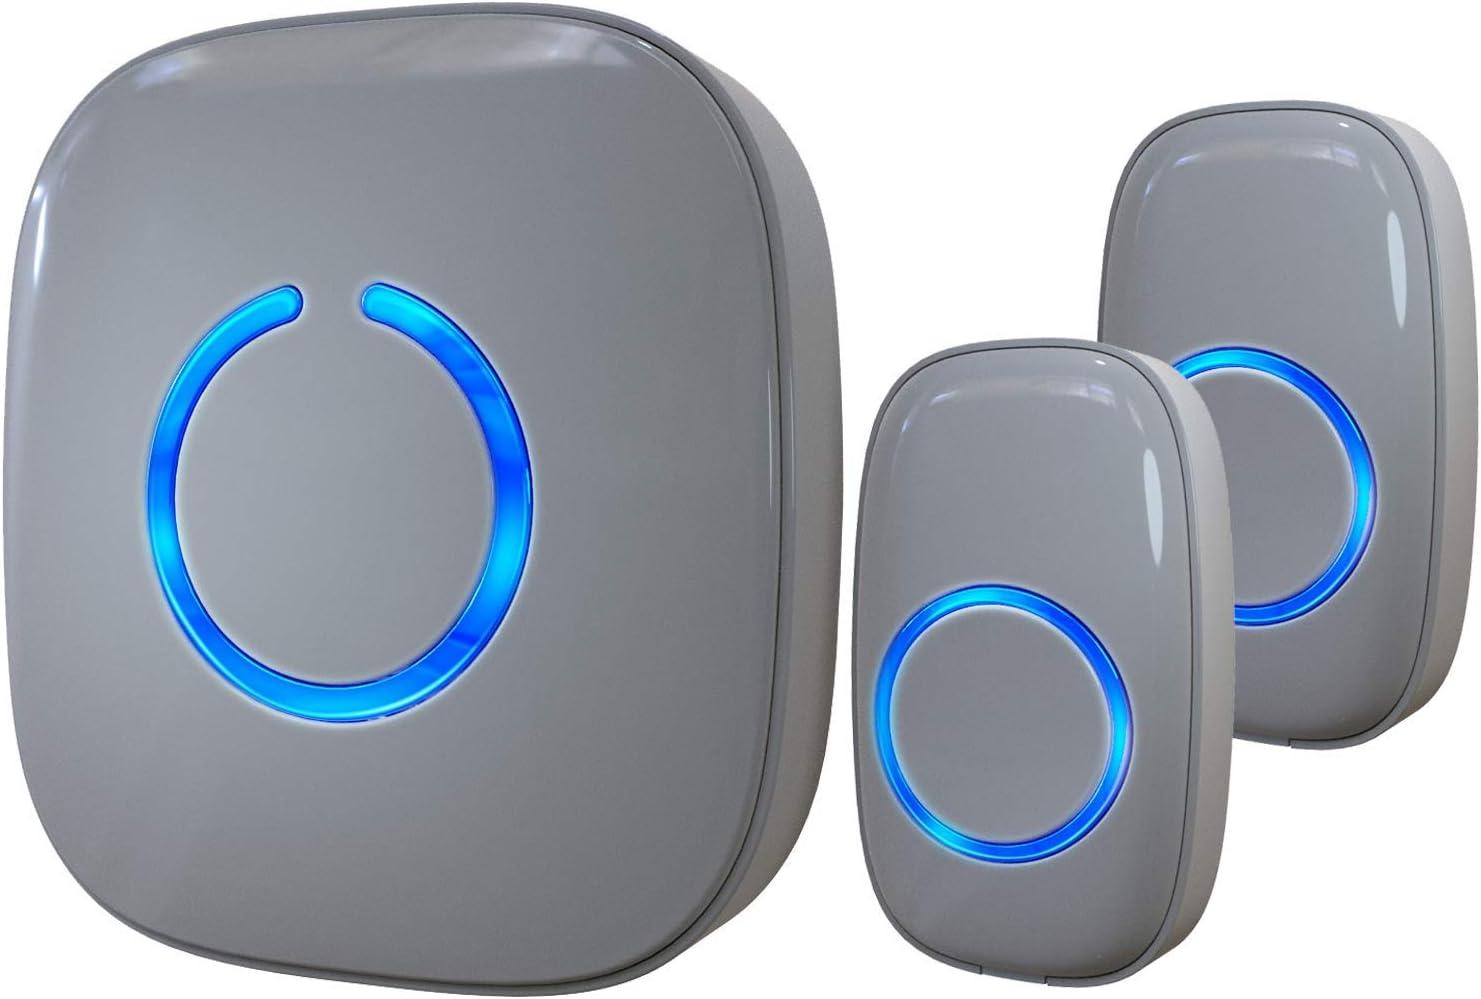 Wireless Doorbell by SadoTech – Waterproof Door Bells & Chimes Wireless Kit – Over 1000-Foot Range, 52 Door Bell Chime, 4 Volume Levels with LED Flash – Wireless Doorbells for Home – Model CX (Gray)